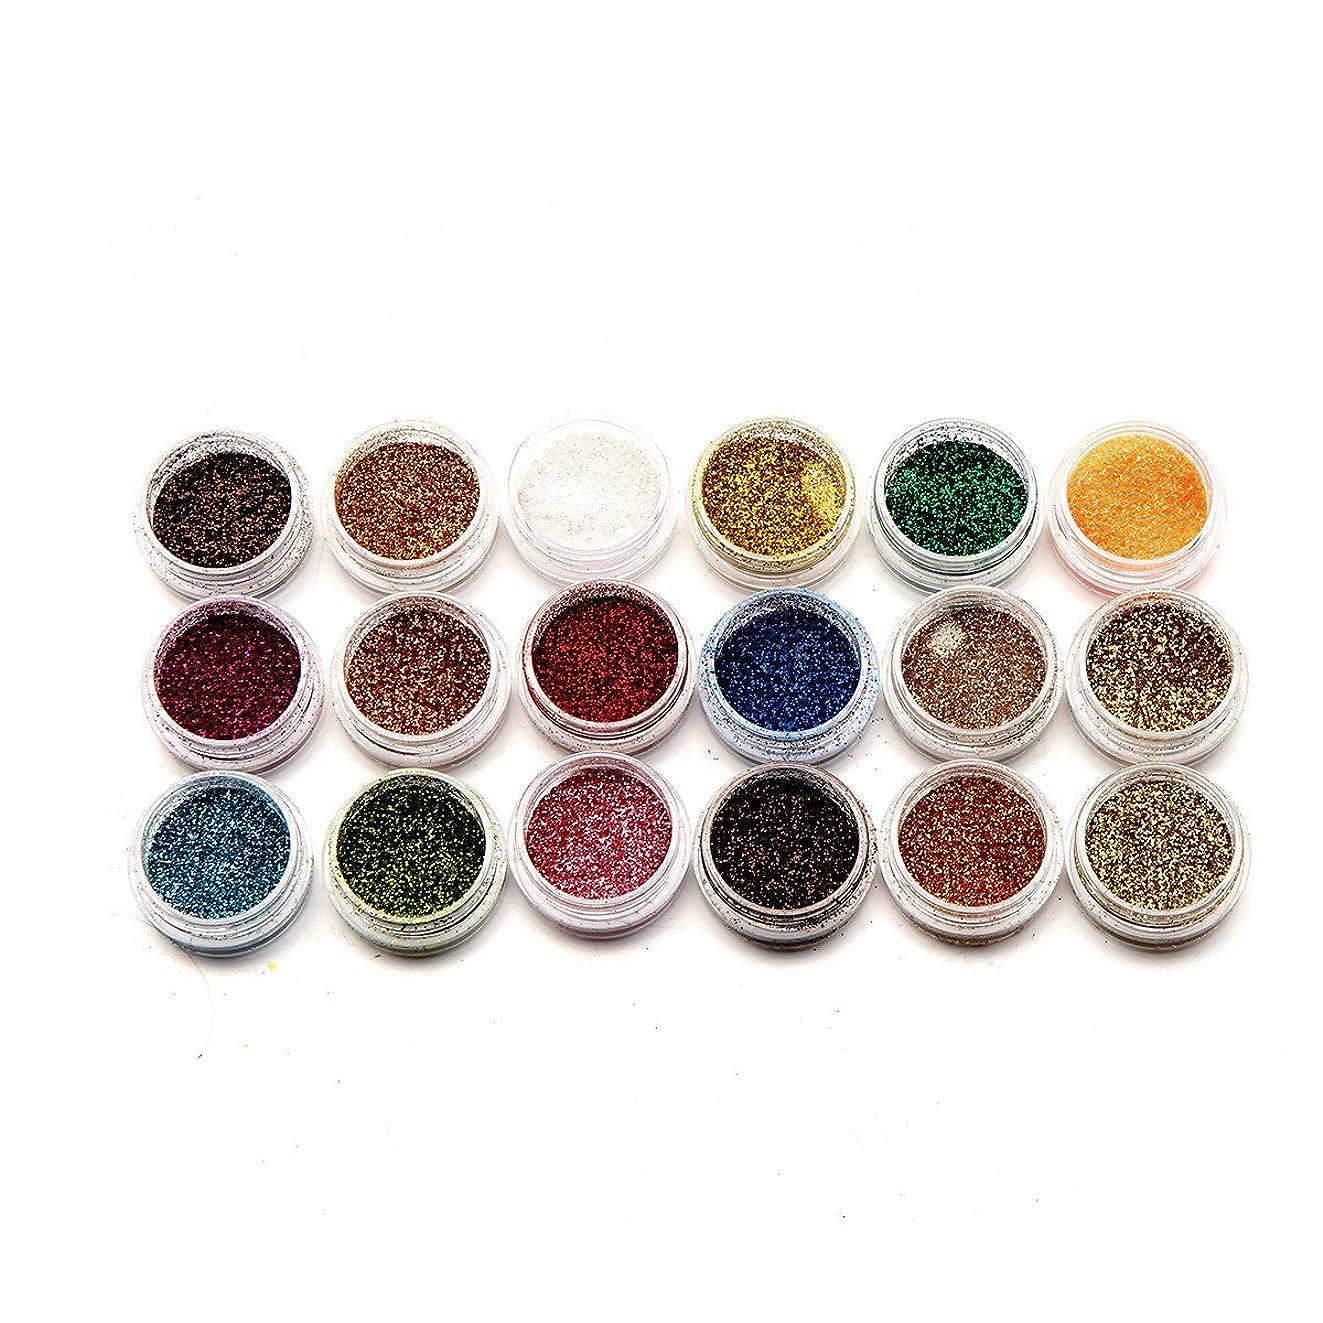 便益ナプキンドラフト18色ネイルアートグリッターパウダーダスト用UVジェルアクリルパウダーデコレーションのヒント